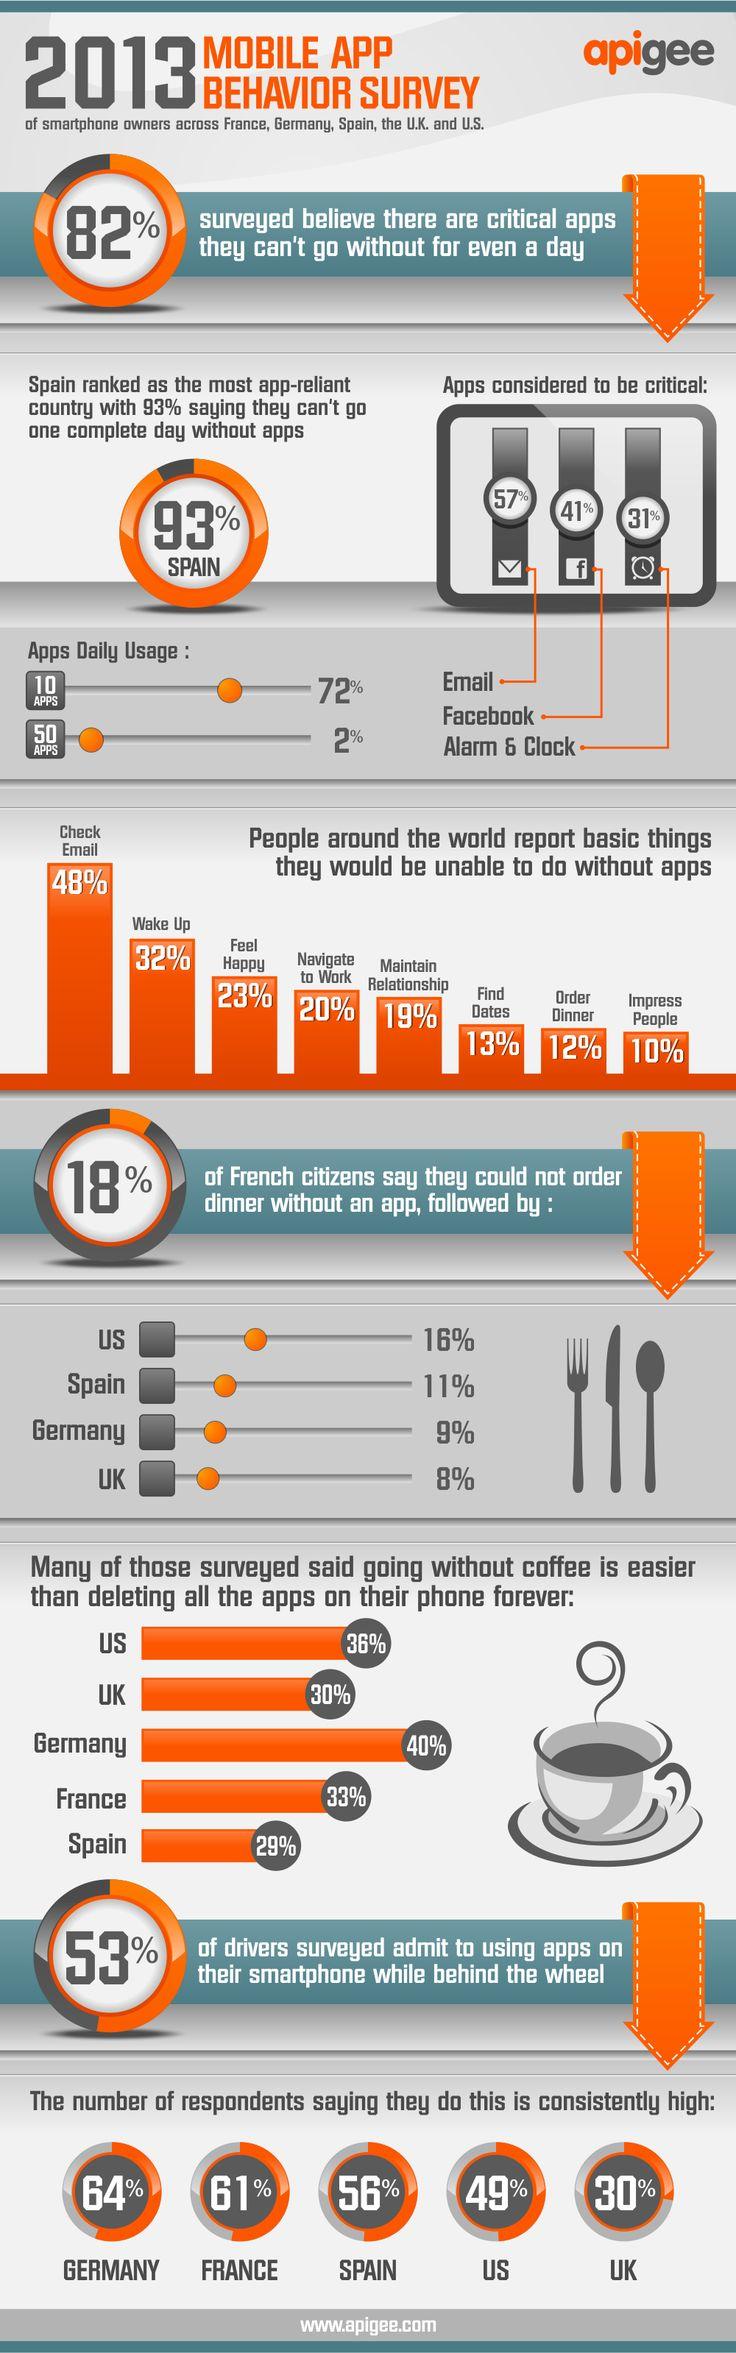 Informe sobre el uso de APPs móviles en el Mundo #infografia #infographic #software